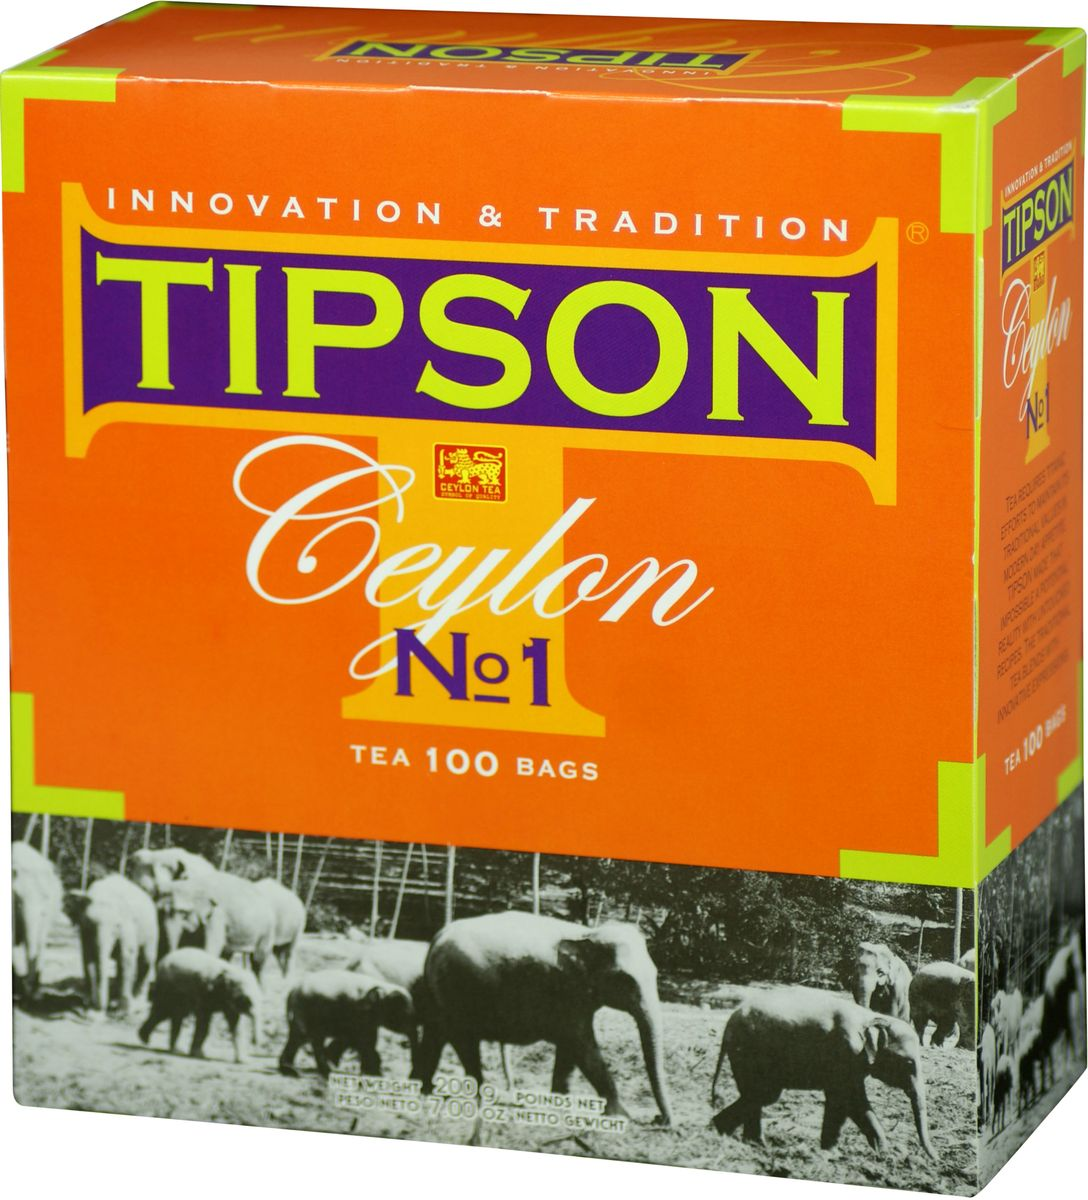 Tipson Ceylon №1 черный чай в пакетиках, 100 шт80003-00Чай чёрный цейлонский байховый мелколистовой Tipson Ceylon №1 в пакетиках с ярлычками для разовой заварки. Чай, произрастающий на острове Цейлон, давно признан лучшим в мире. Наши эксперты предлагают Вам чай №1, в котором найден гармоничный баланс между силой вкуса и элегантностью аромата.Всё о чае: сорта, факты, советы по выбору и употреблению. Статья OZON Гид